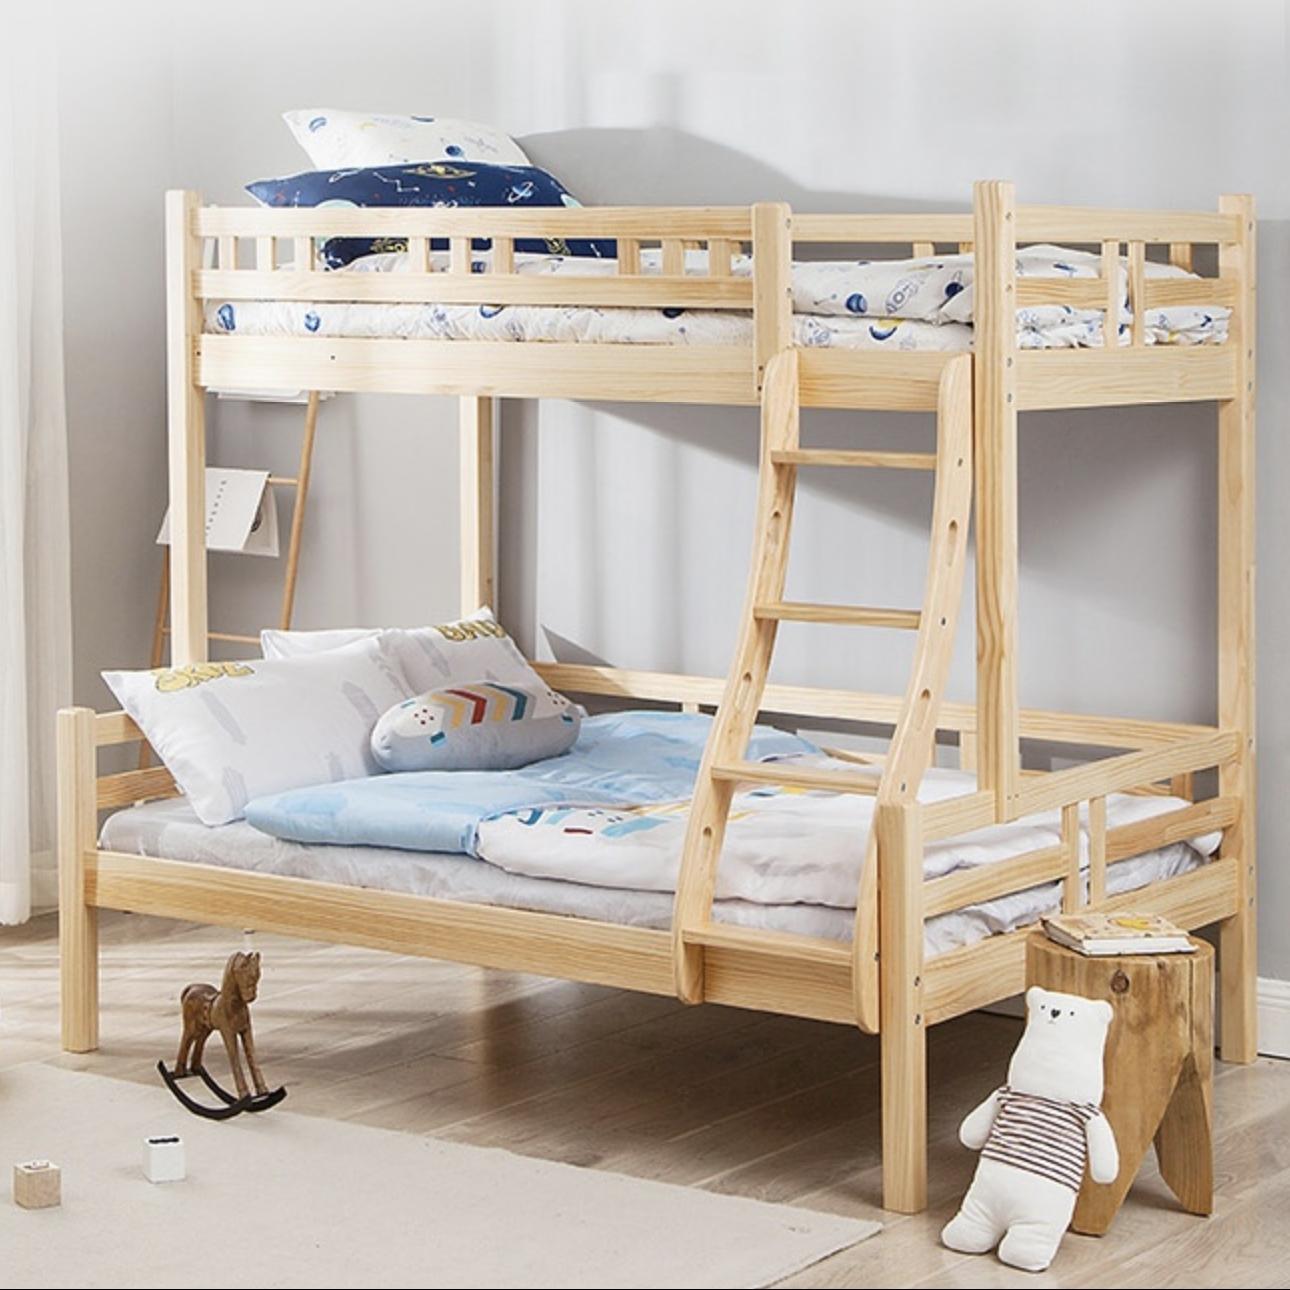 历史低价 : 网易严选 全实木日式儿童高低床